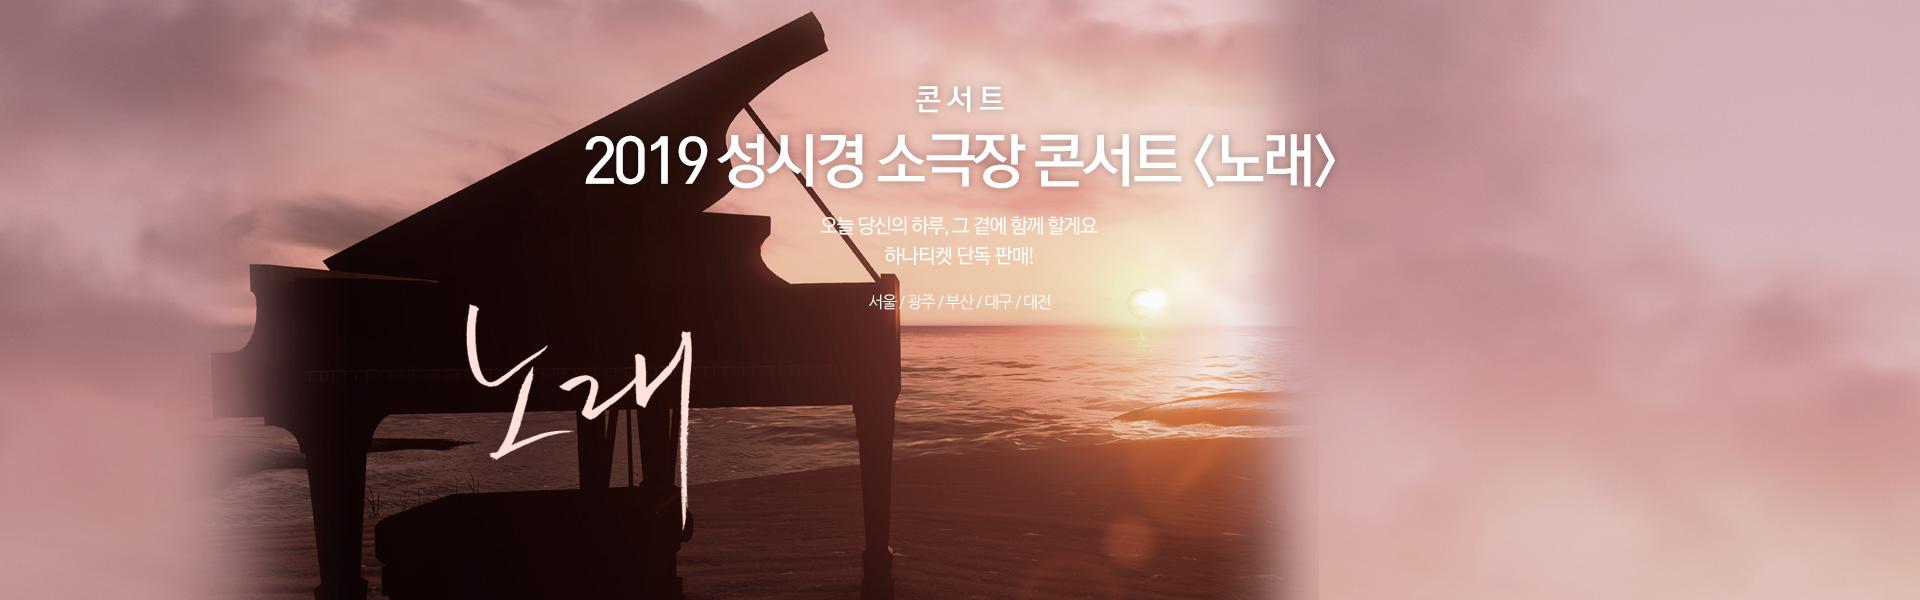 2019 성시경 소극장 콘서트 <노래> - 서울